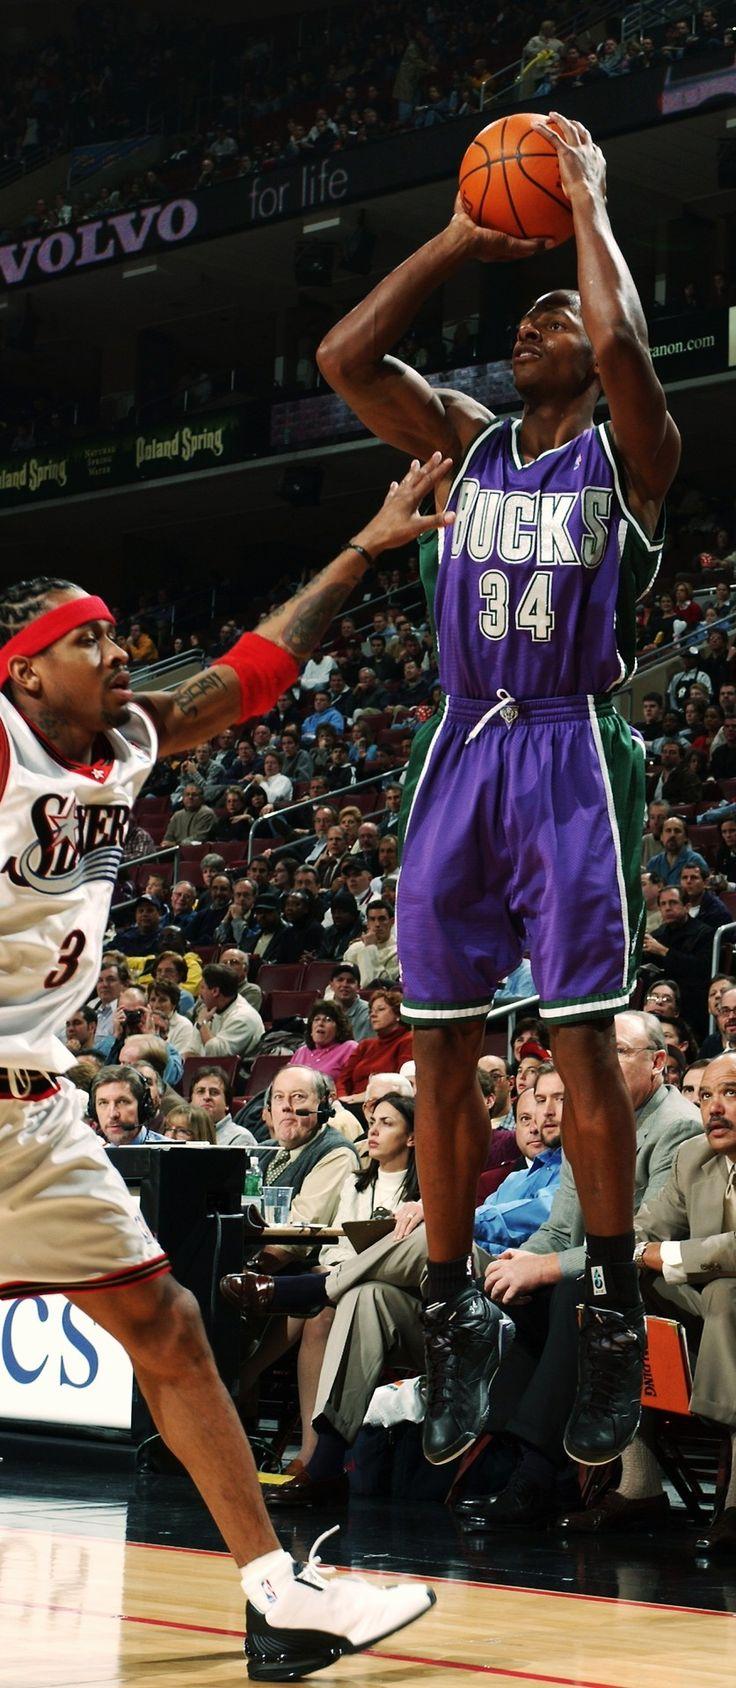 Ray Allen www.kingsofsports.com